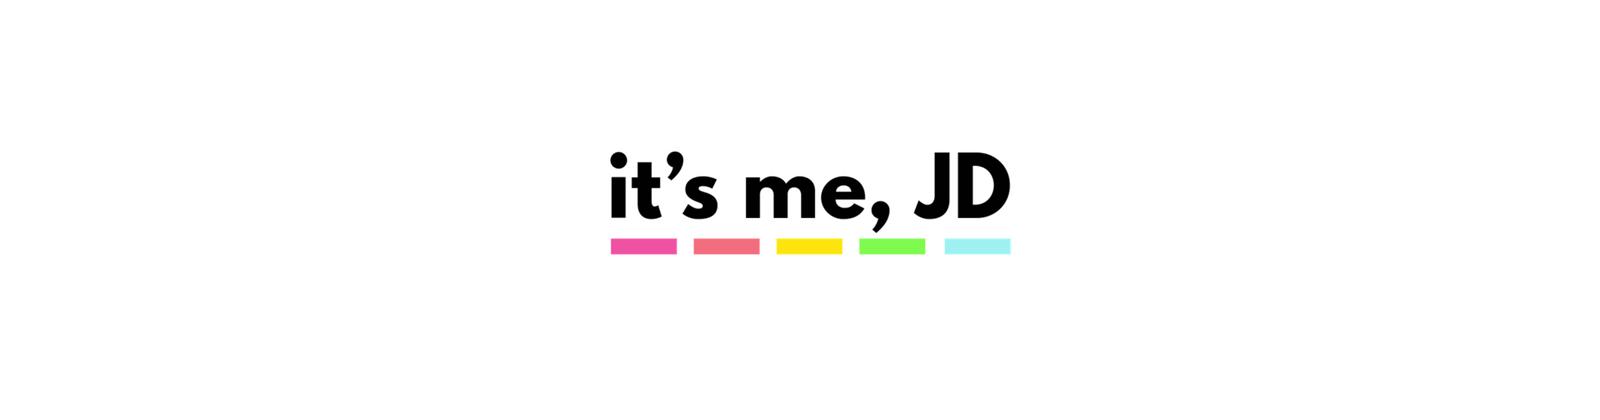 its-me-jd-website-header